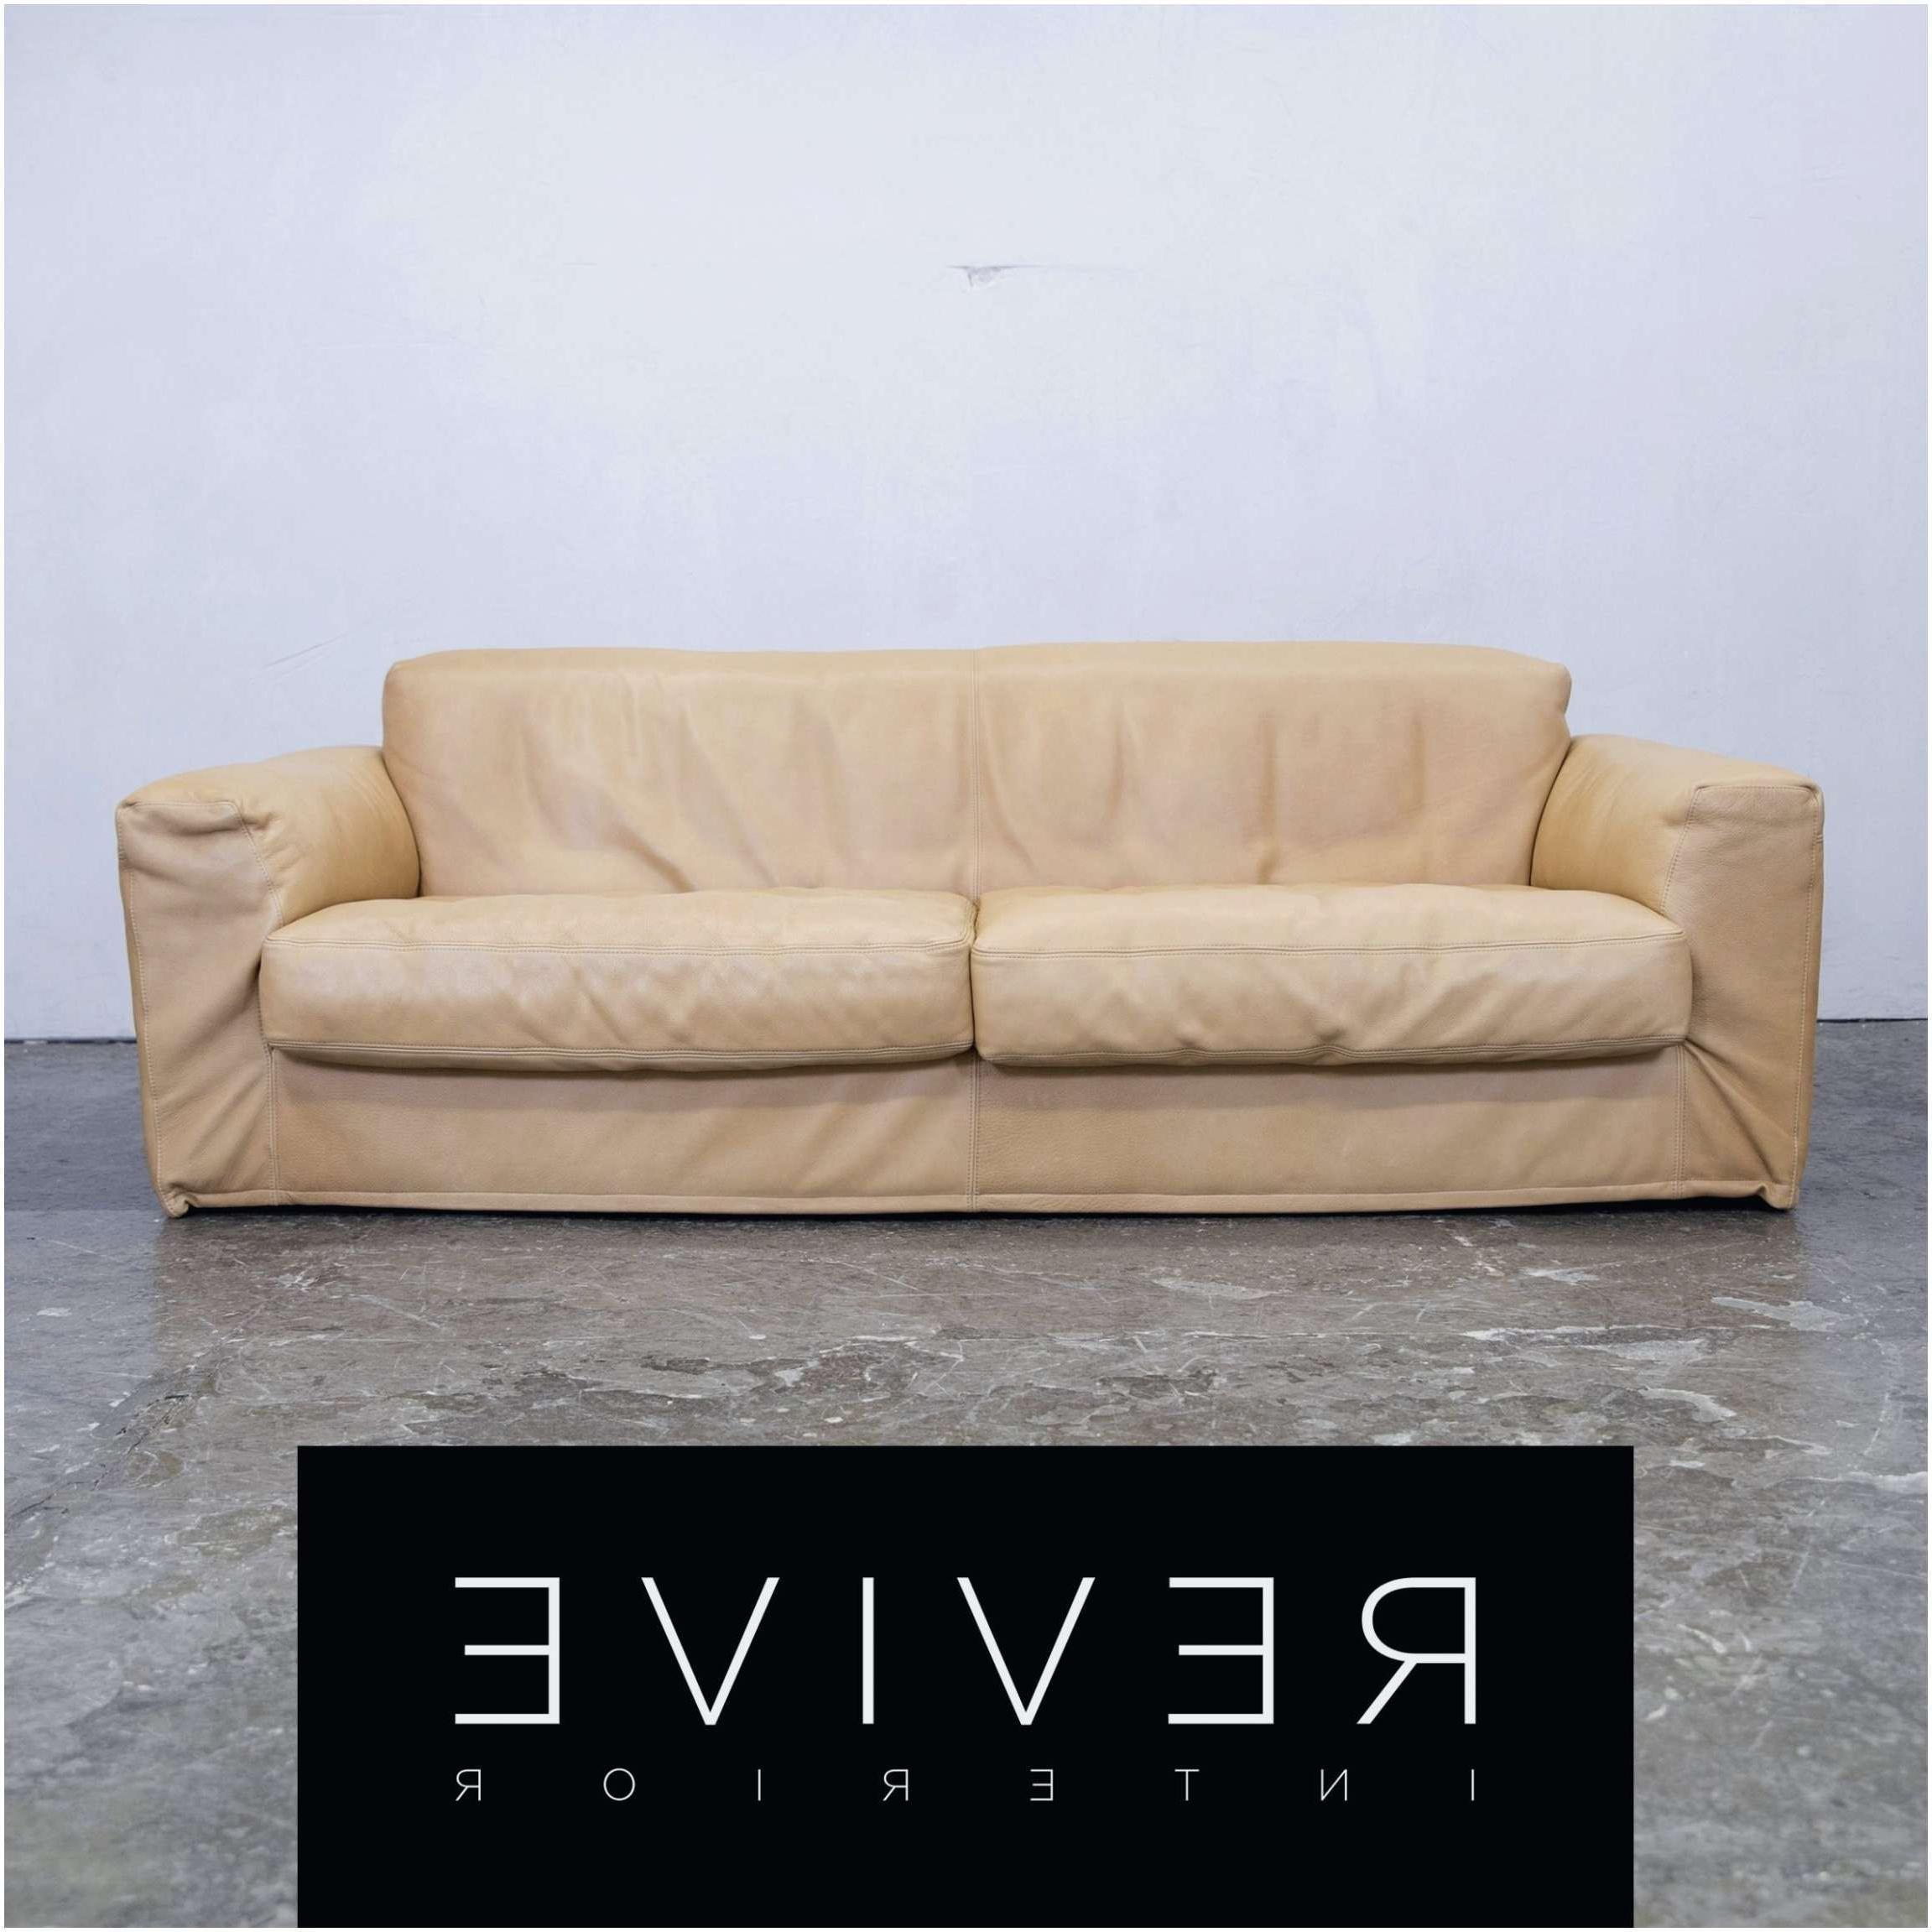 Sofas Modulares Conforama Ftd8 Conforama MÃ Bel sofa Adorable Canape Angle Gris Avec Canape D